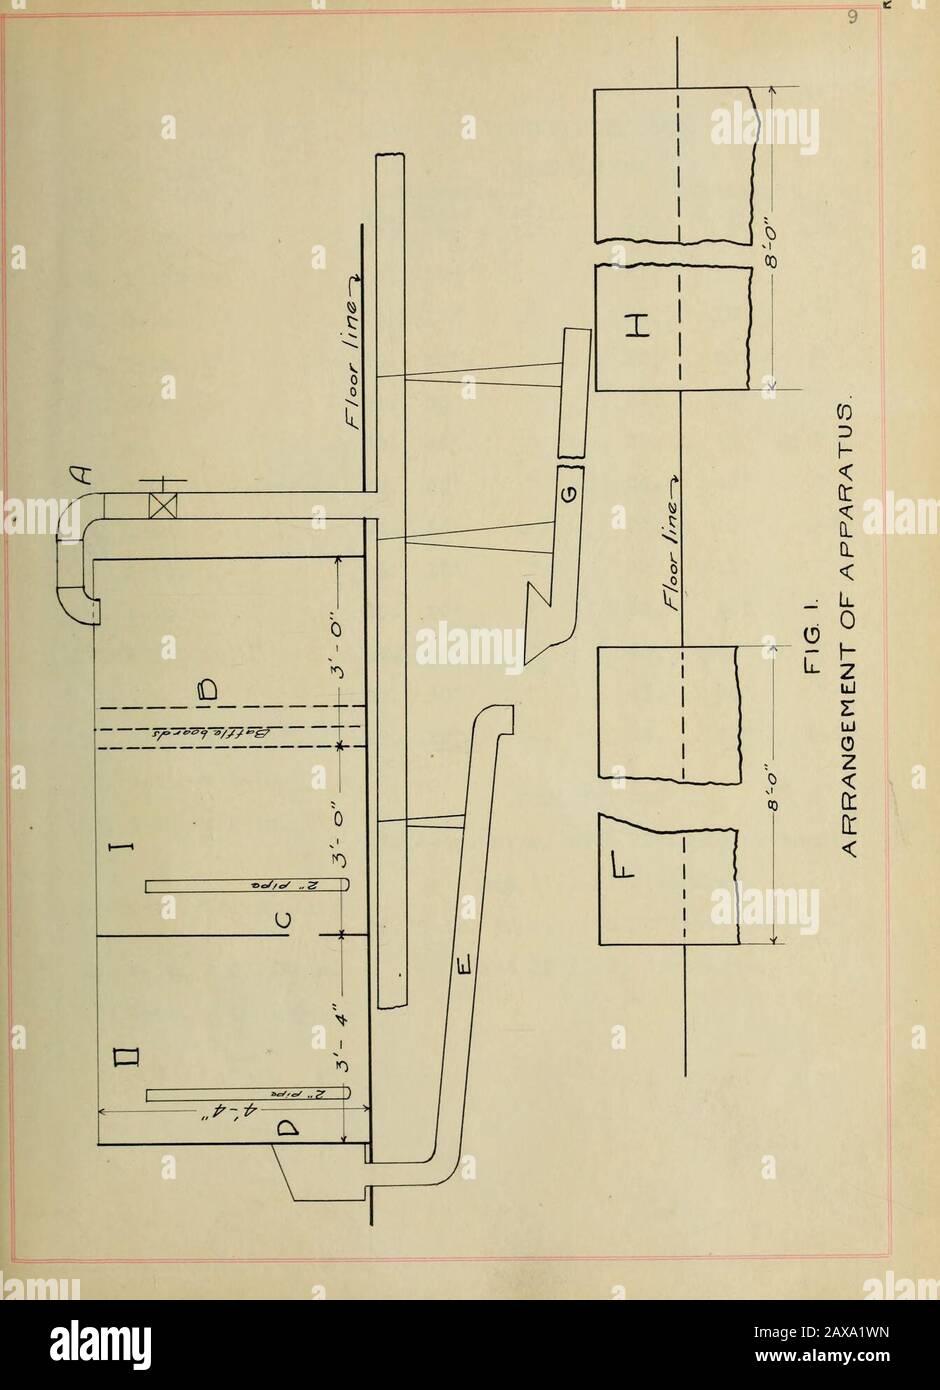 Una investigación del flujo de agua a través de orificios y tuberías sumergidas . se realizaron los experimentos anteriores. El tanque usado en todos los experimentos se muestra en Pig. 1.está hecho en dos compartimientos, I y II, que son sep-arated por una partición que contiene una abertura en C, intowhich nay él ajustó el orificio o la cañería a él usó. El agua que viene de la cañería entra por un principal en A ypasa a través de los tableros del deflector en B, dejando finalmente el com-partment II a través de las aberturas que son reguladas por los topes de valvesor. flujos pequeños del?or el agua fue pesado en el atank fijado en las escalas. Para grandes flujos de TI Foto de stock